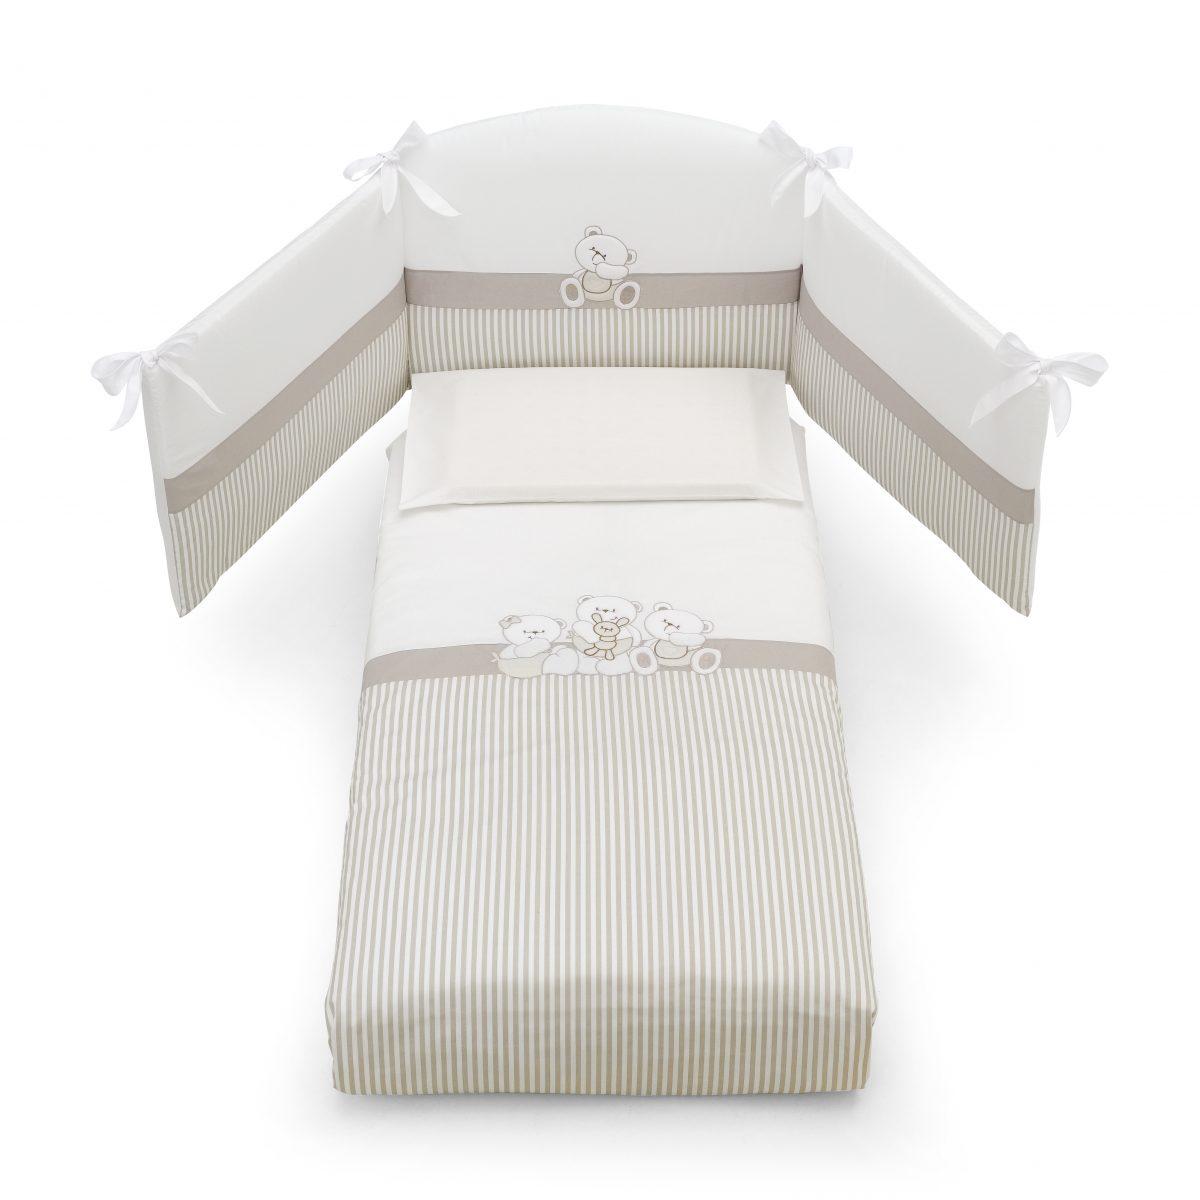 luxusní dětský nábytek - designové textilie Mirtillo